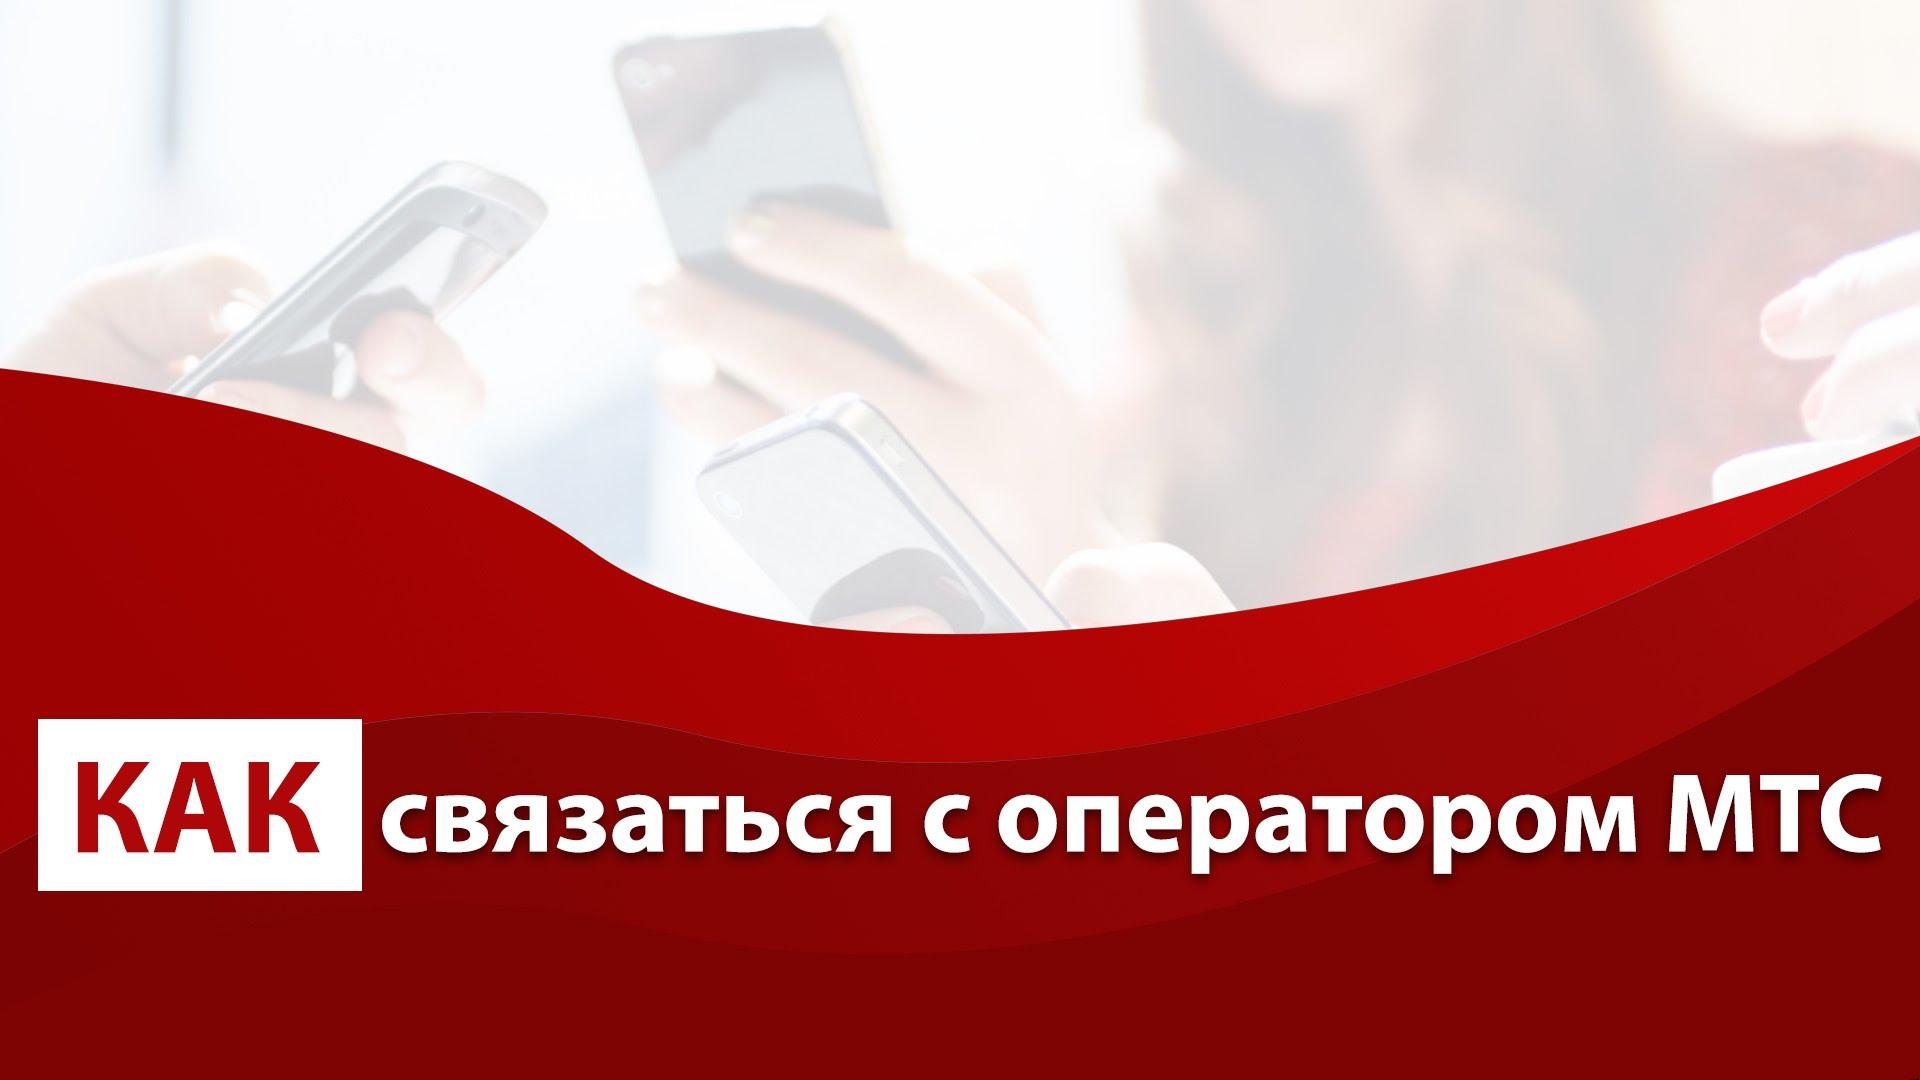 Платный номер на МТС для жителей Украины